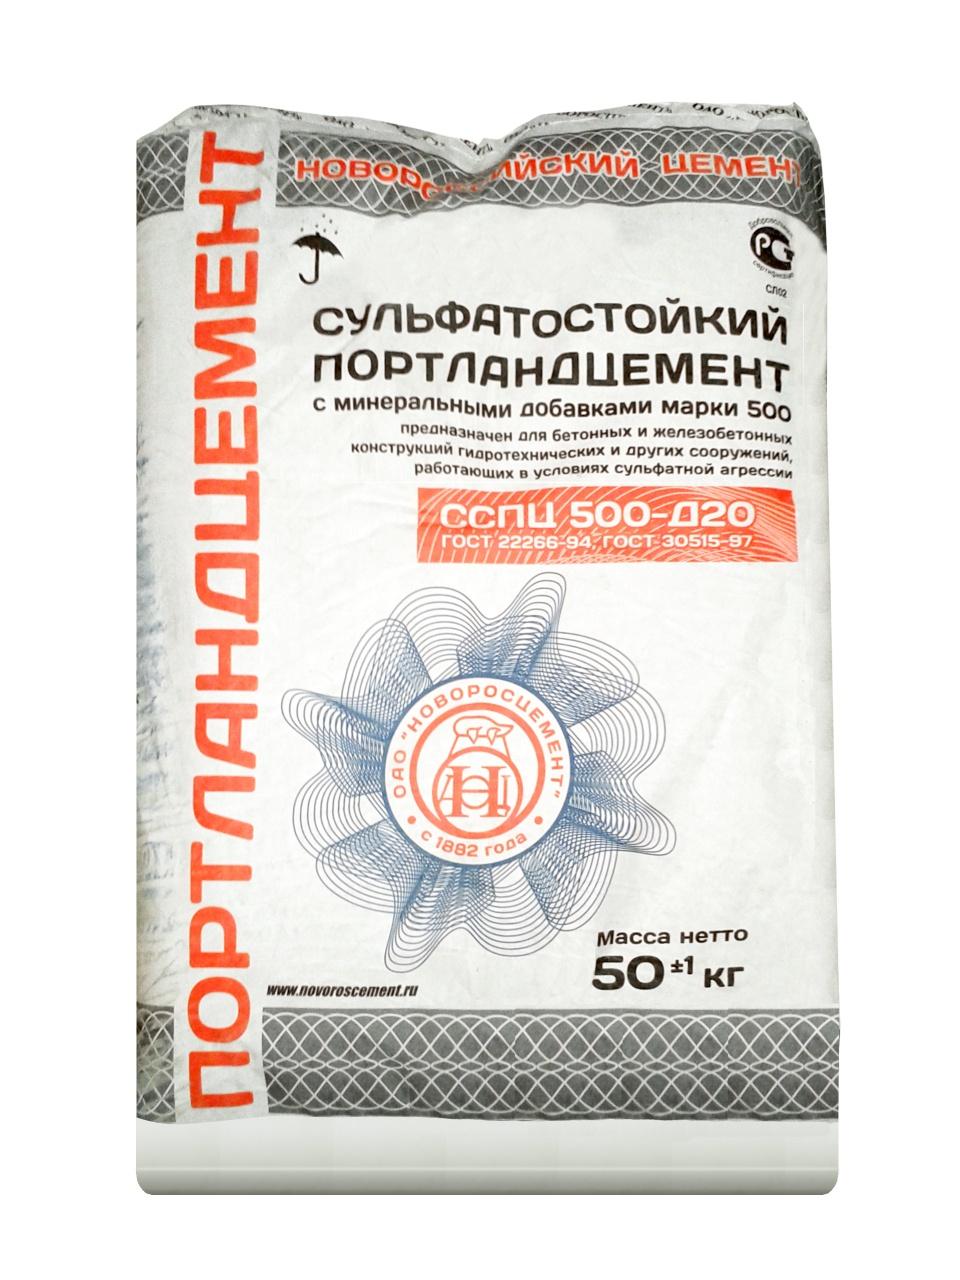 Новороссийский цемент